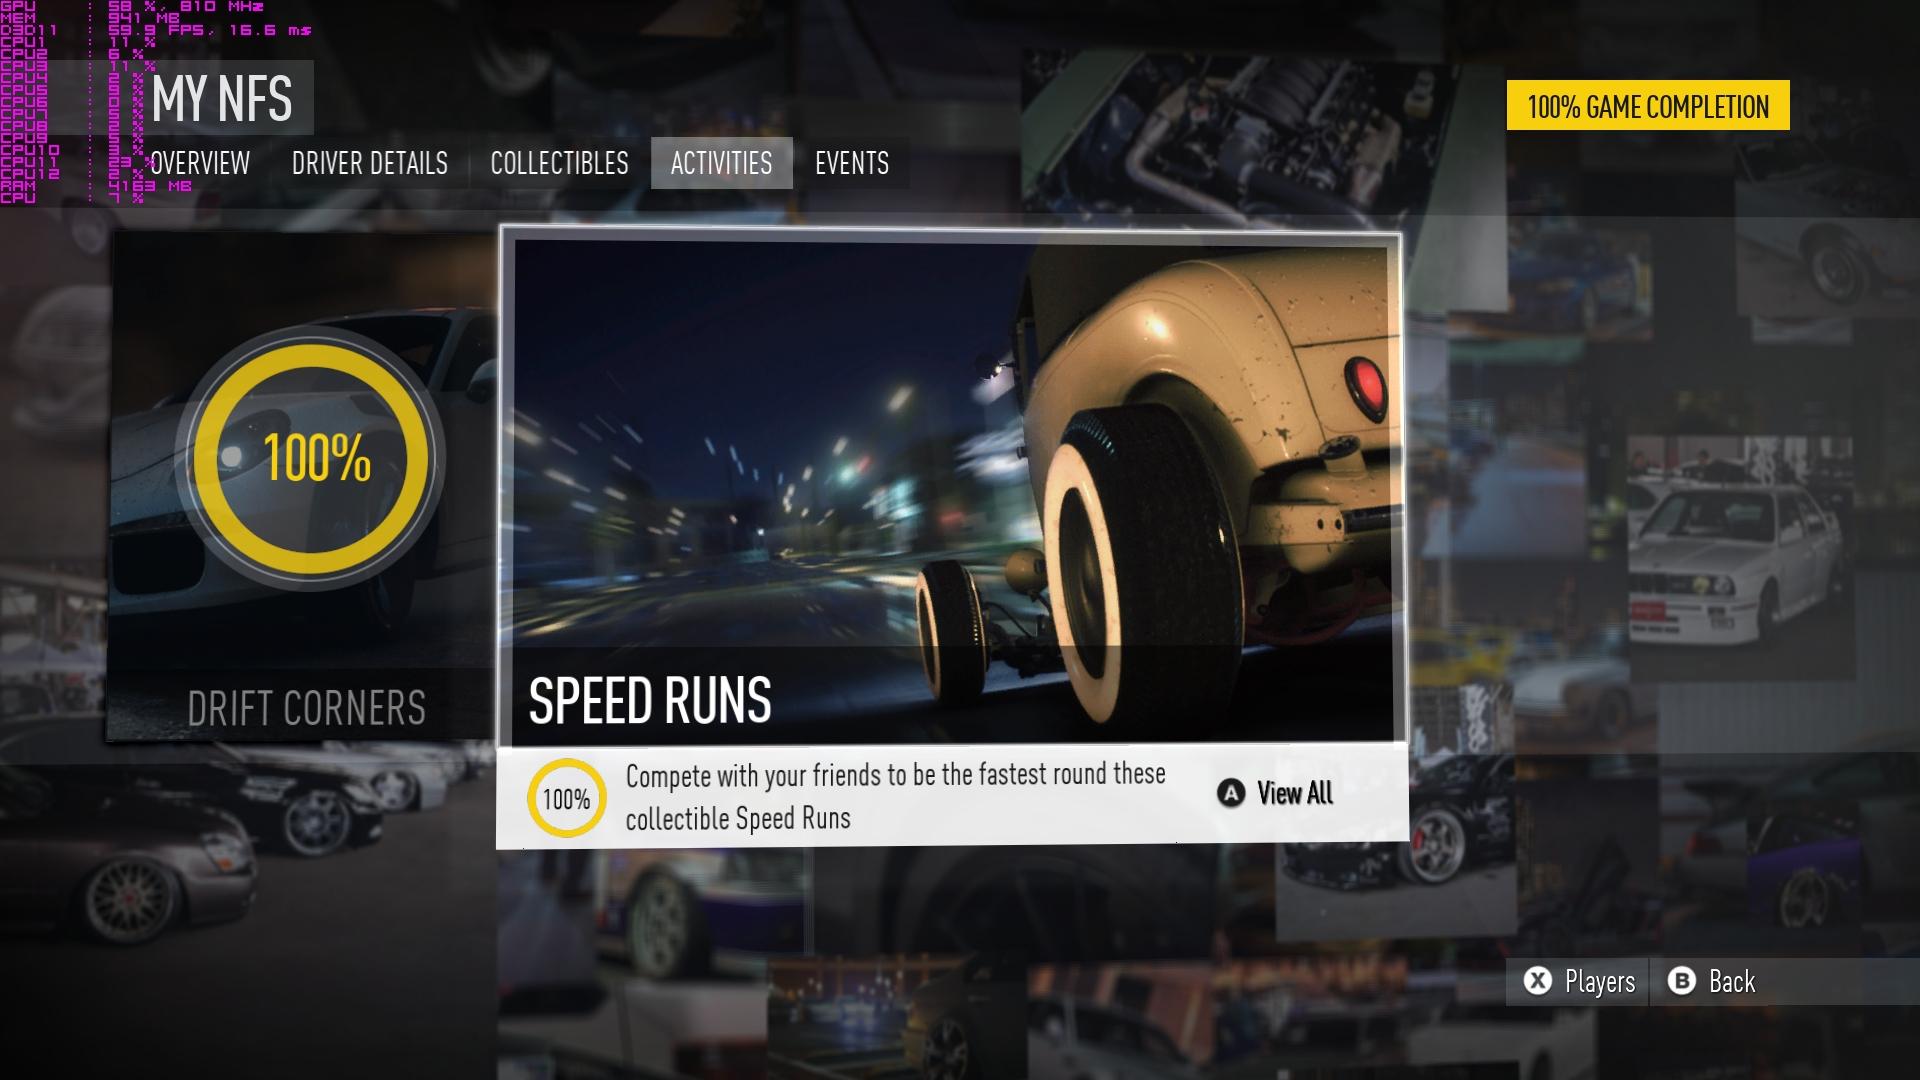 Speed Runs 100%